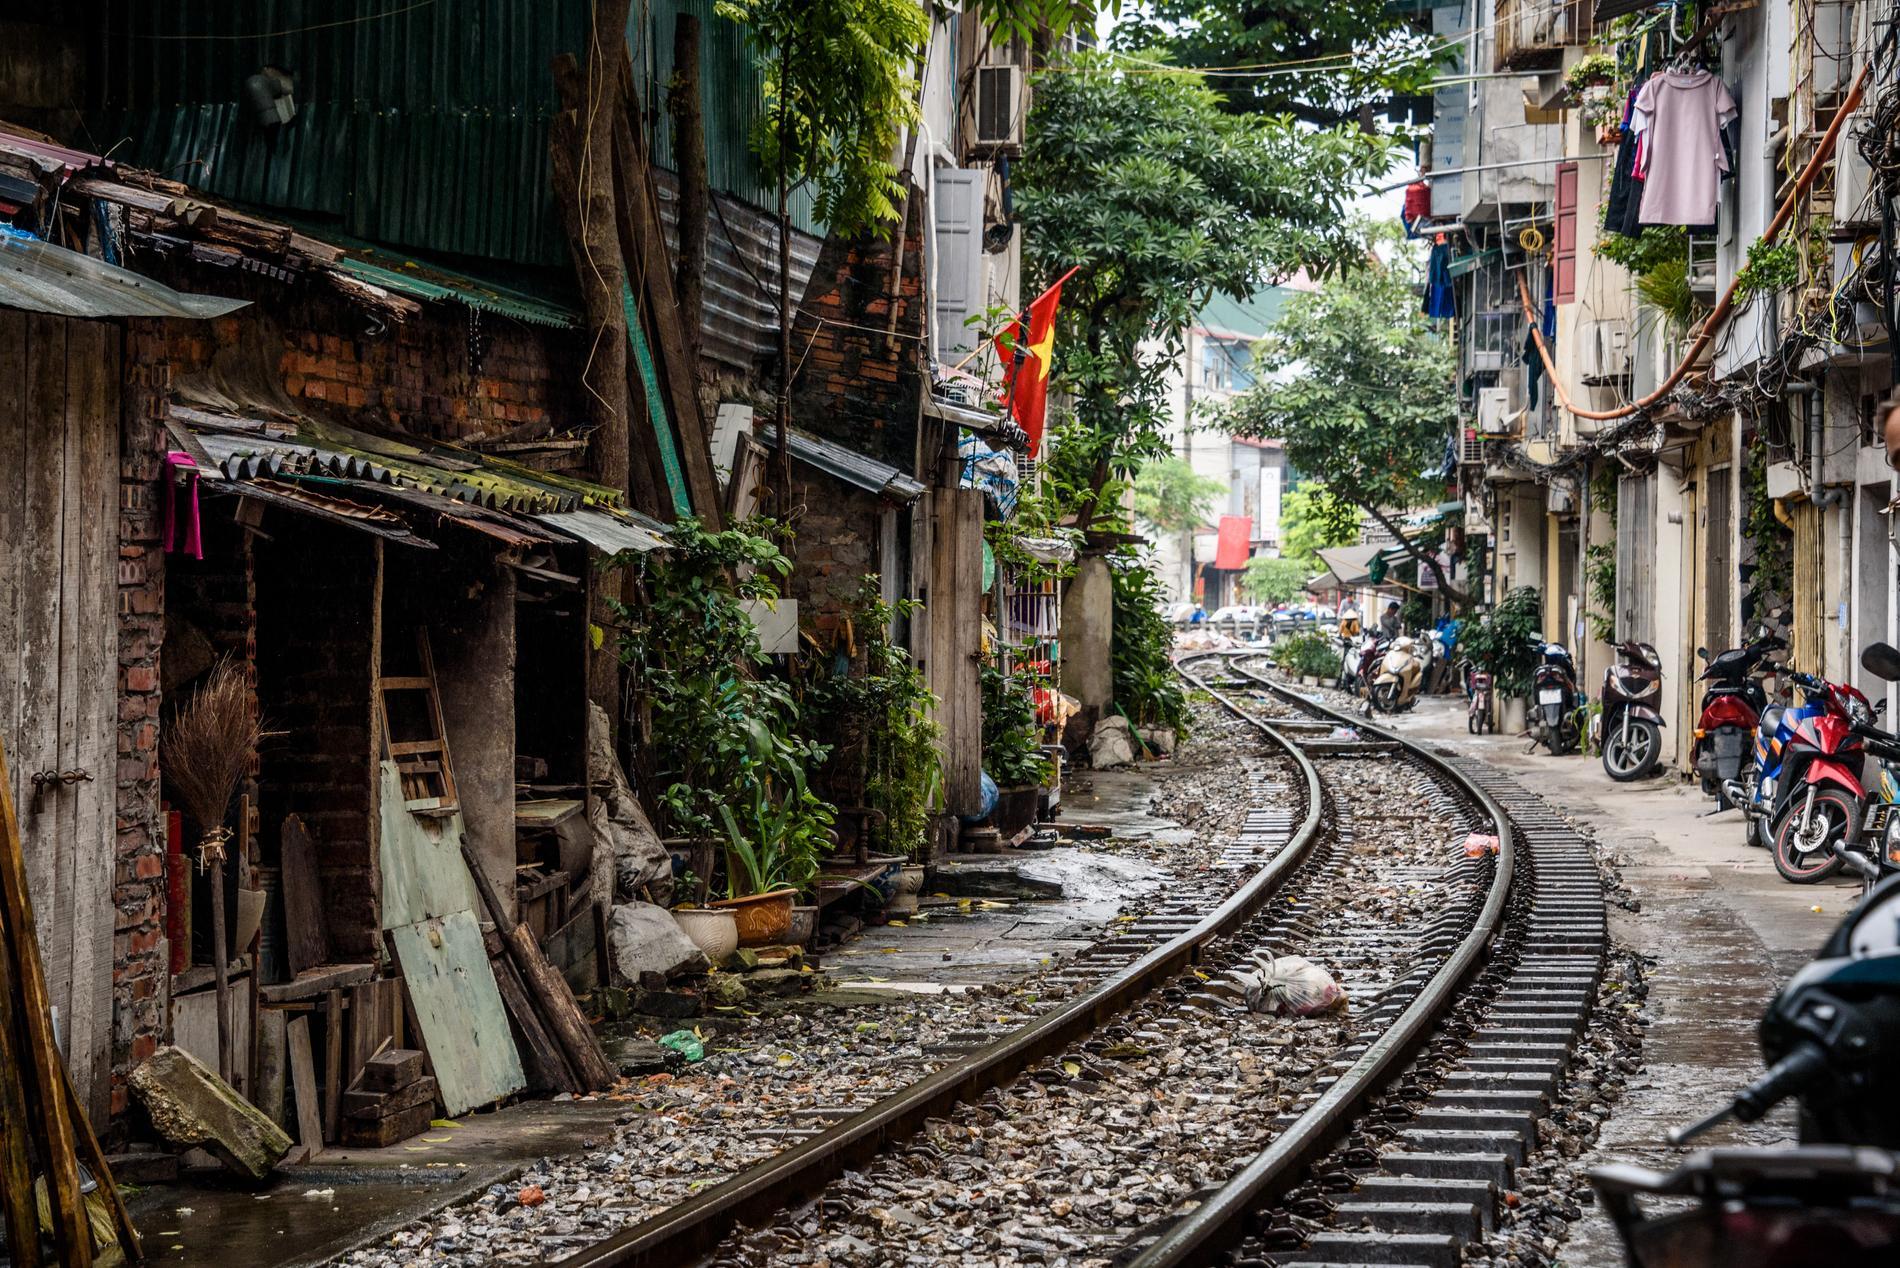 På den här gatan riskerar människor livet för den bästa bilden.